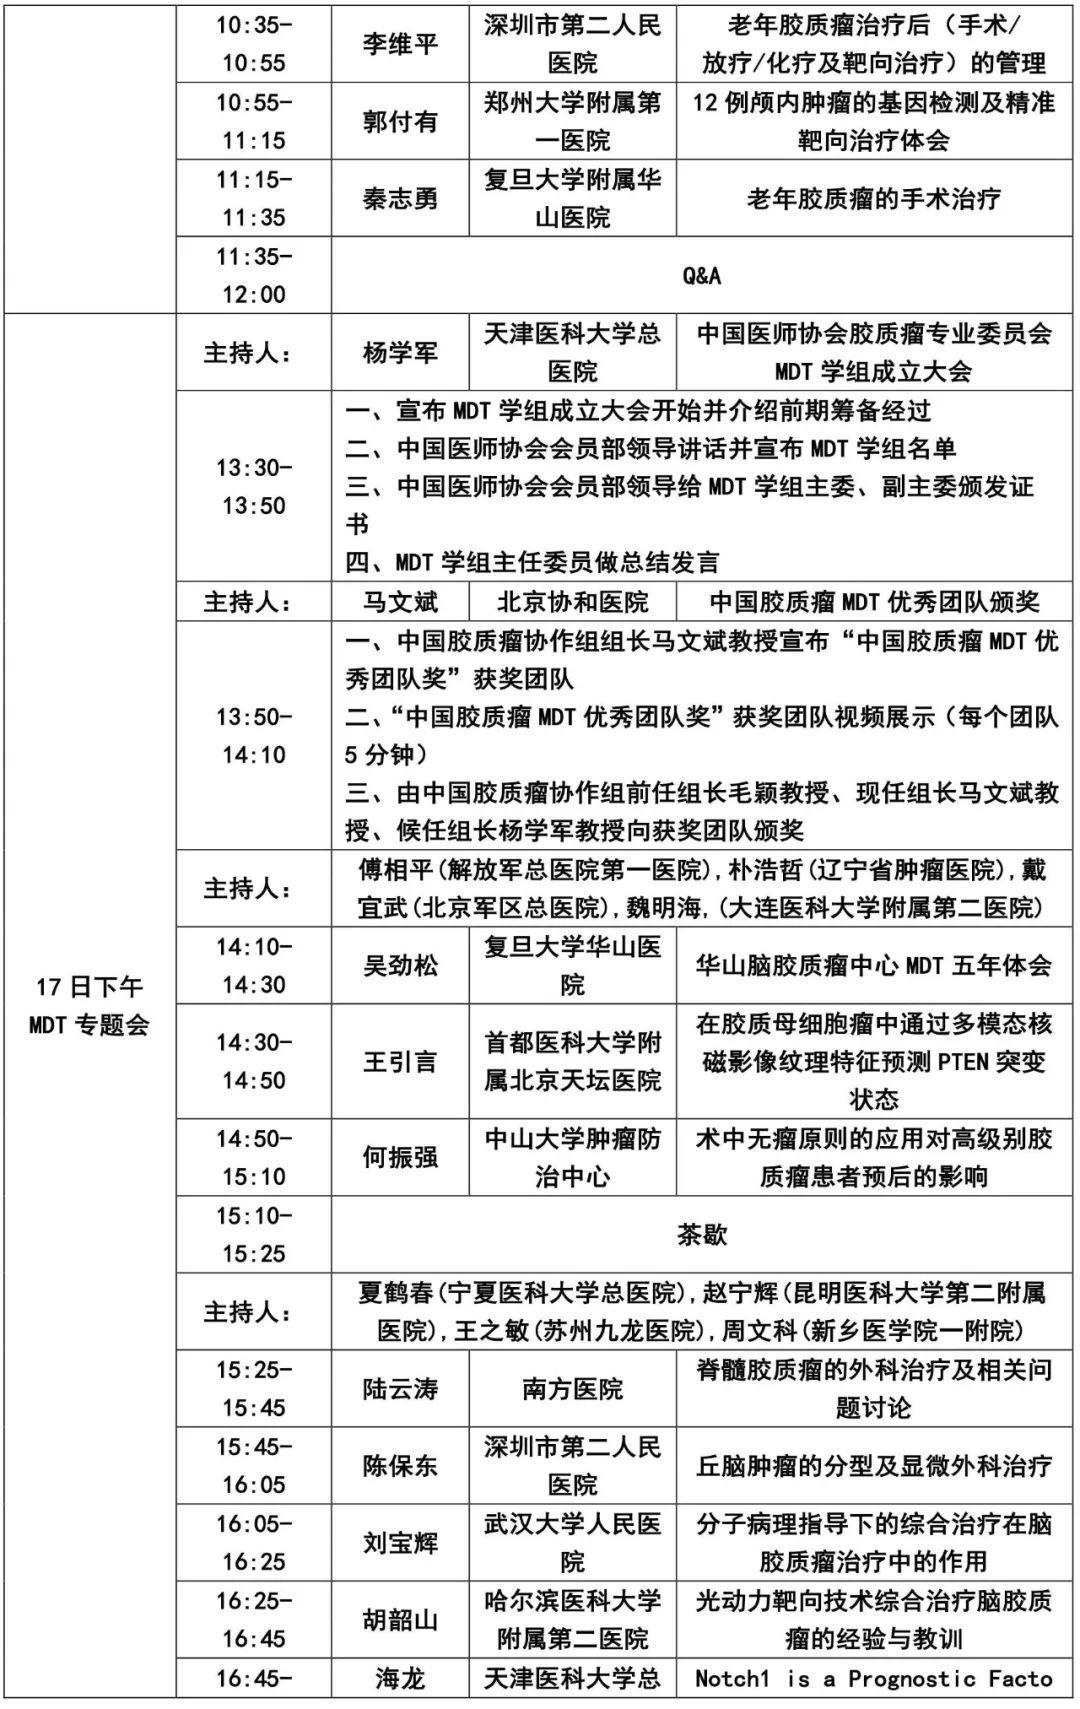 [详细日程]第二届中国脑胶质瘤学术大会暨中国医师协会脑胶质瘤专委会第二届年会 | 3月16